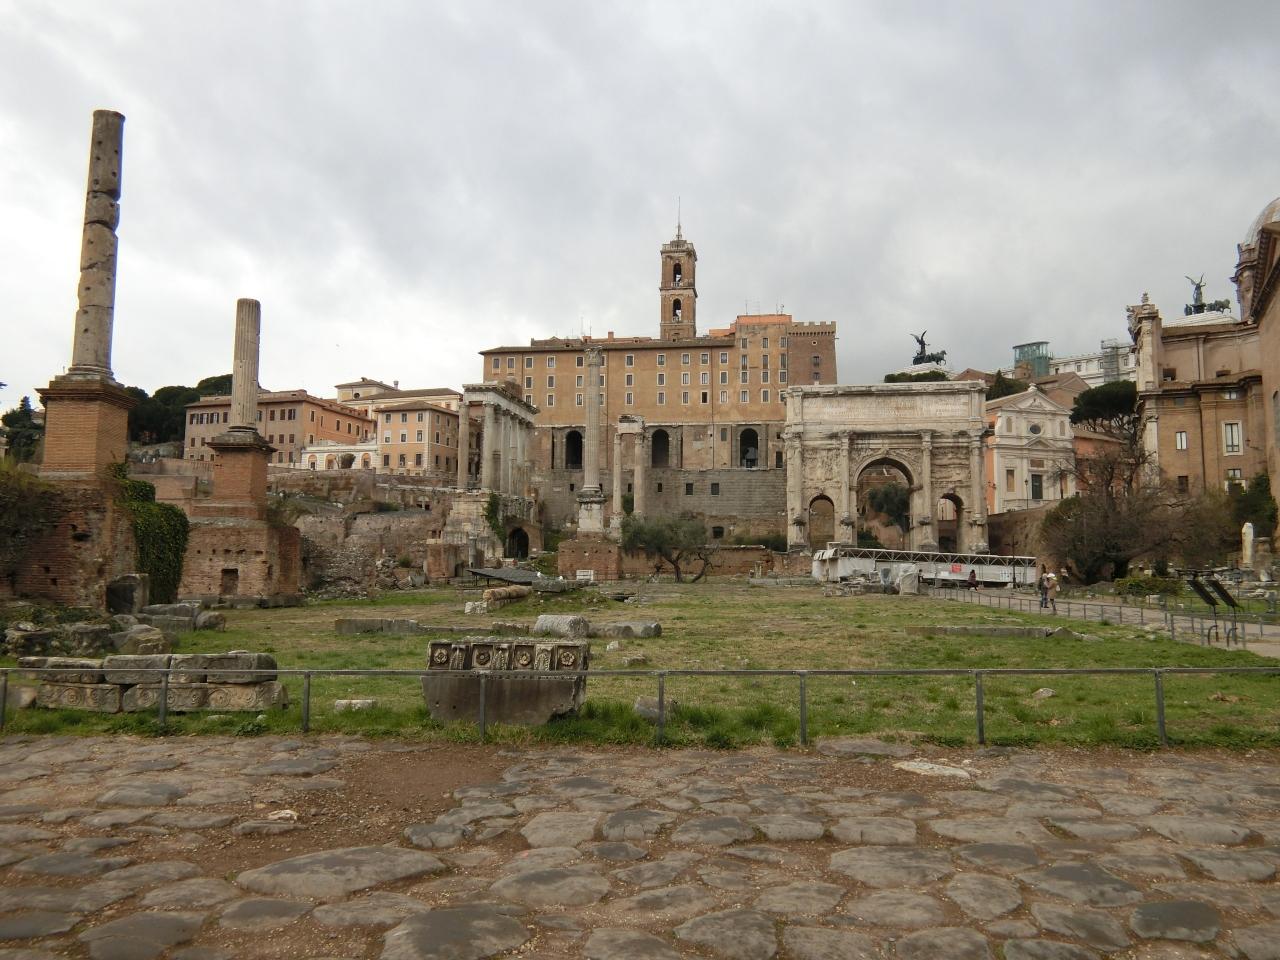 ローマ歴史地区、教皇領とサン・パオロ・フオーリ・レ・ムーラ大聖堂の画像 p1_30